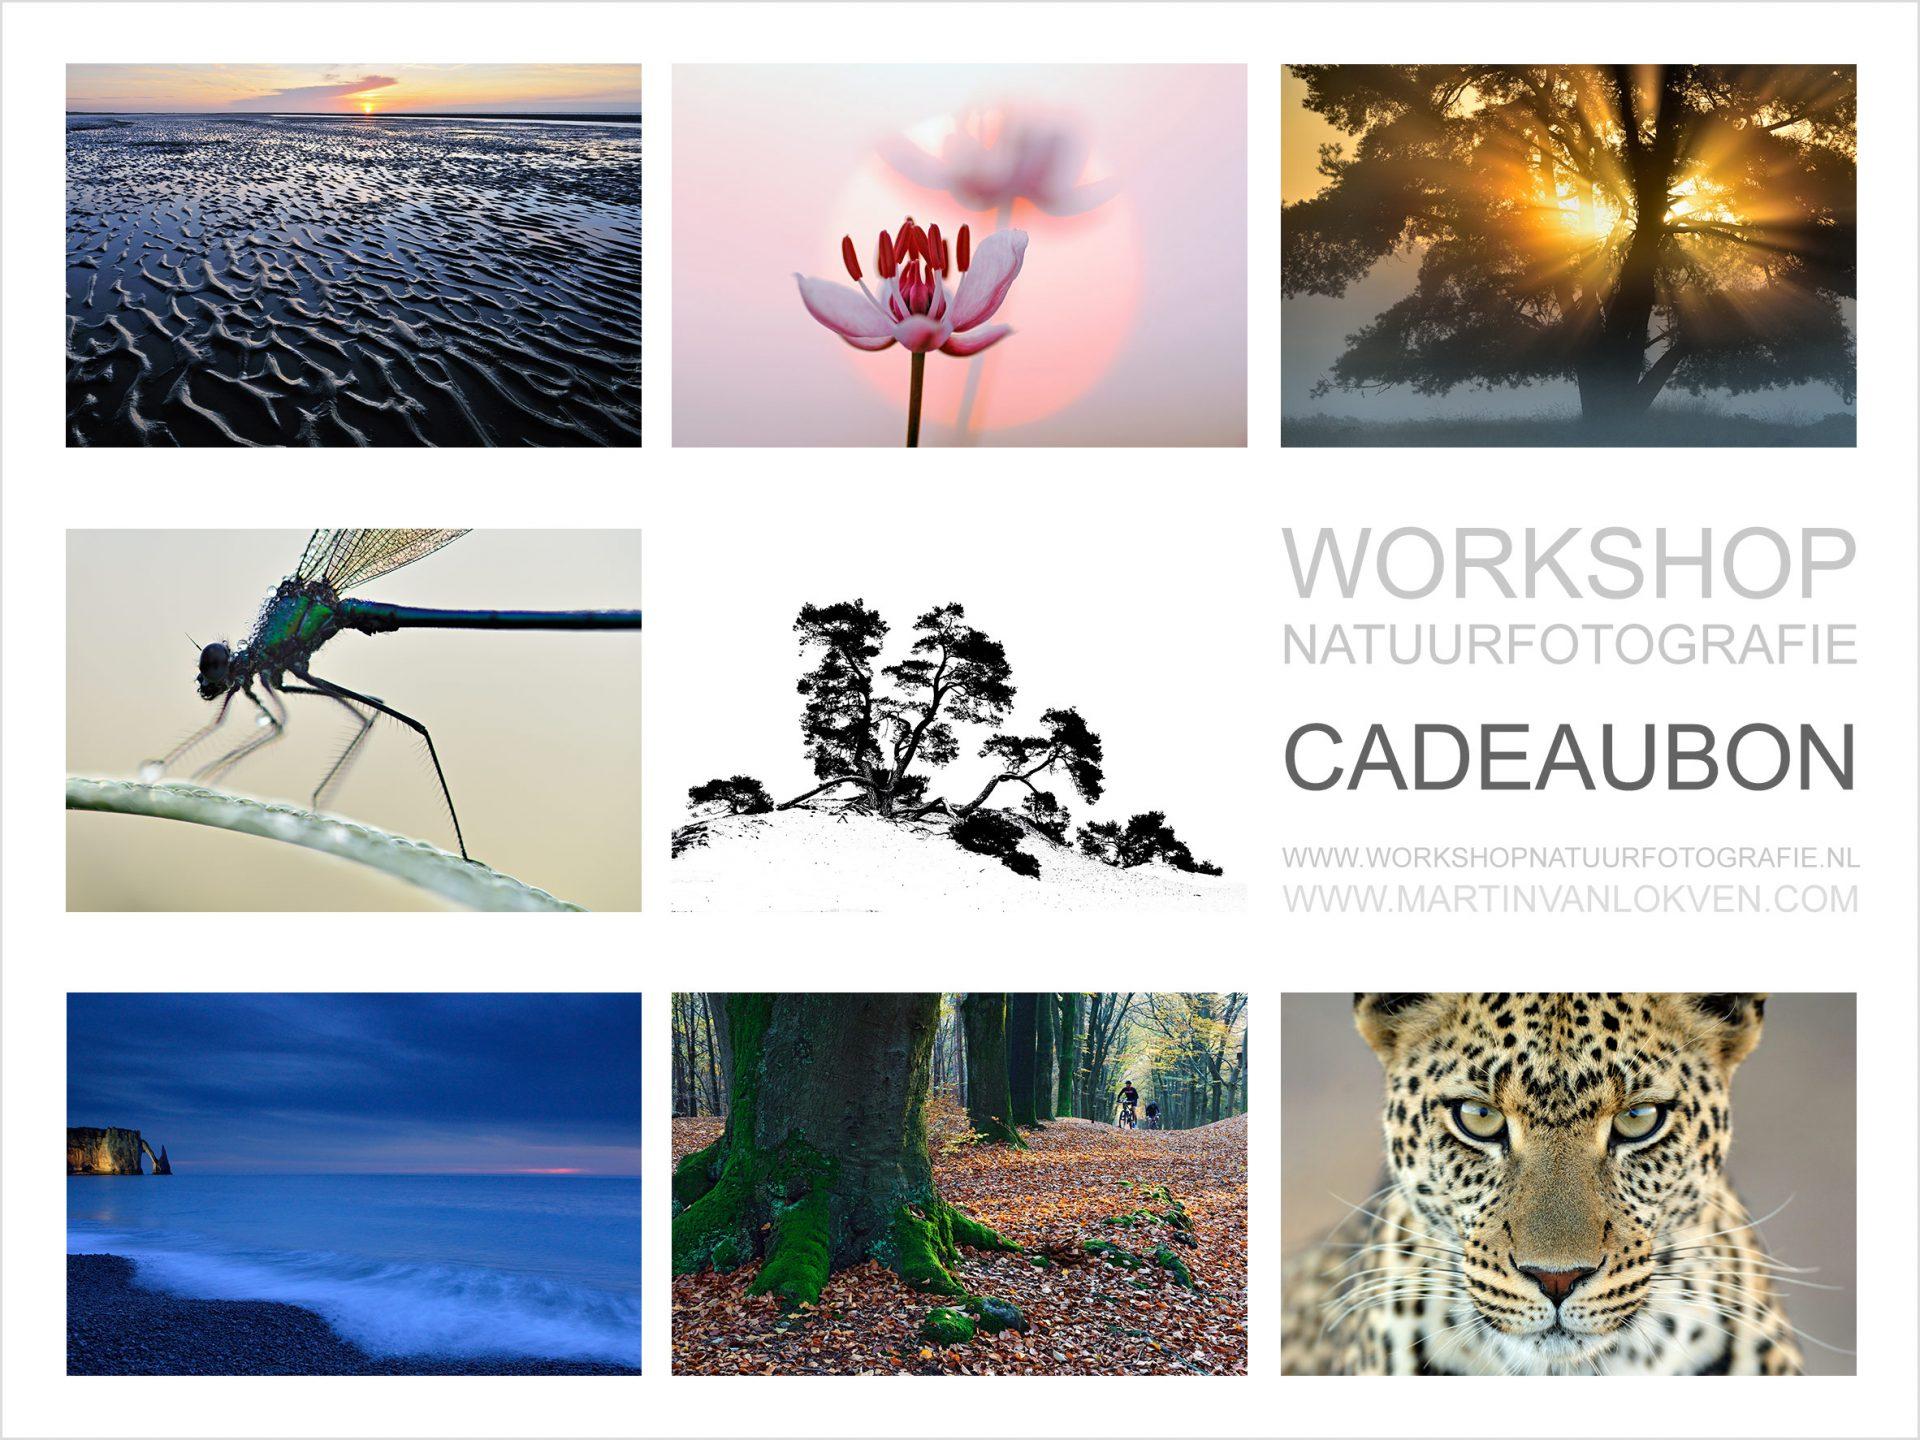 Workshop natuurfotografie voucher